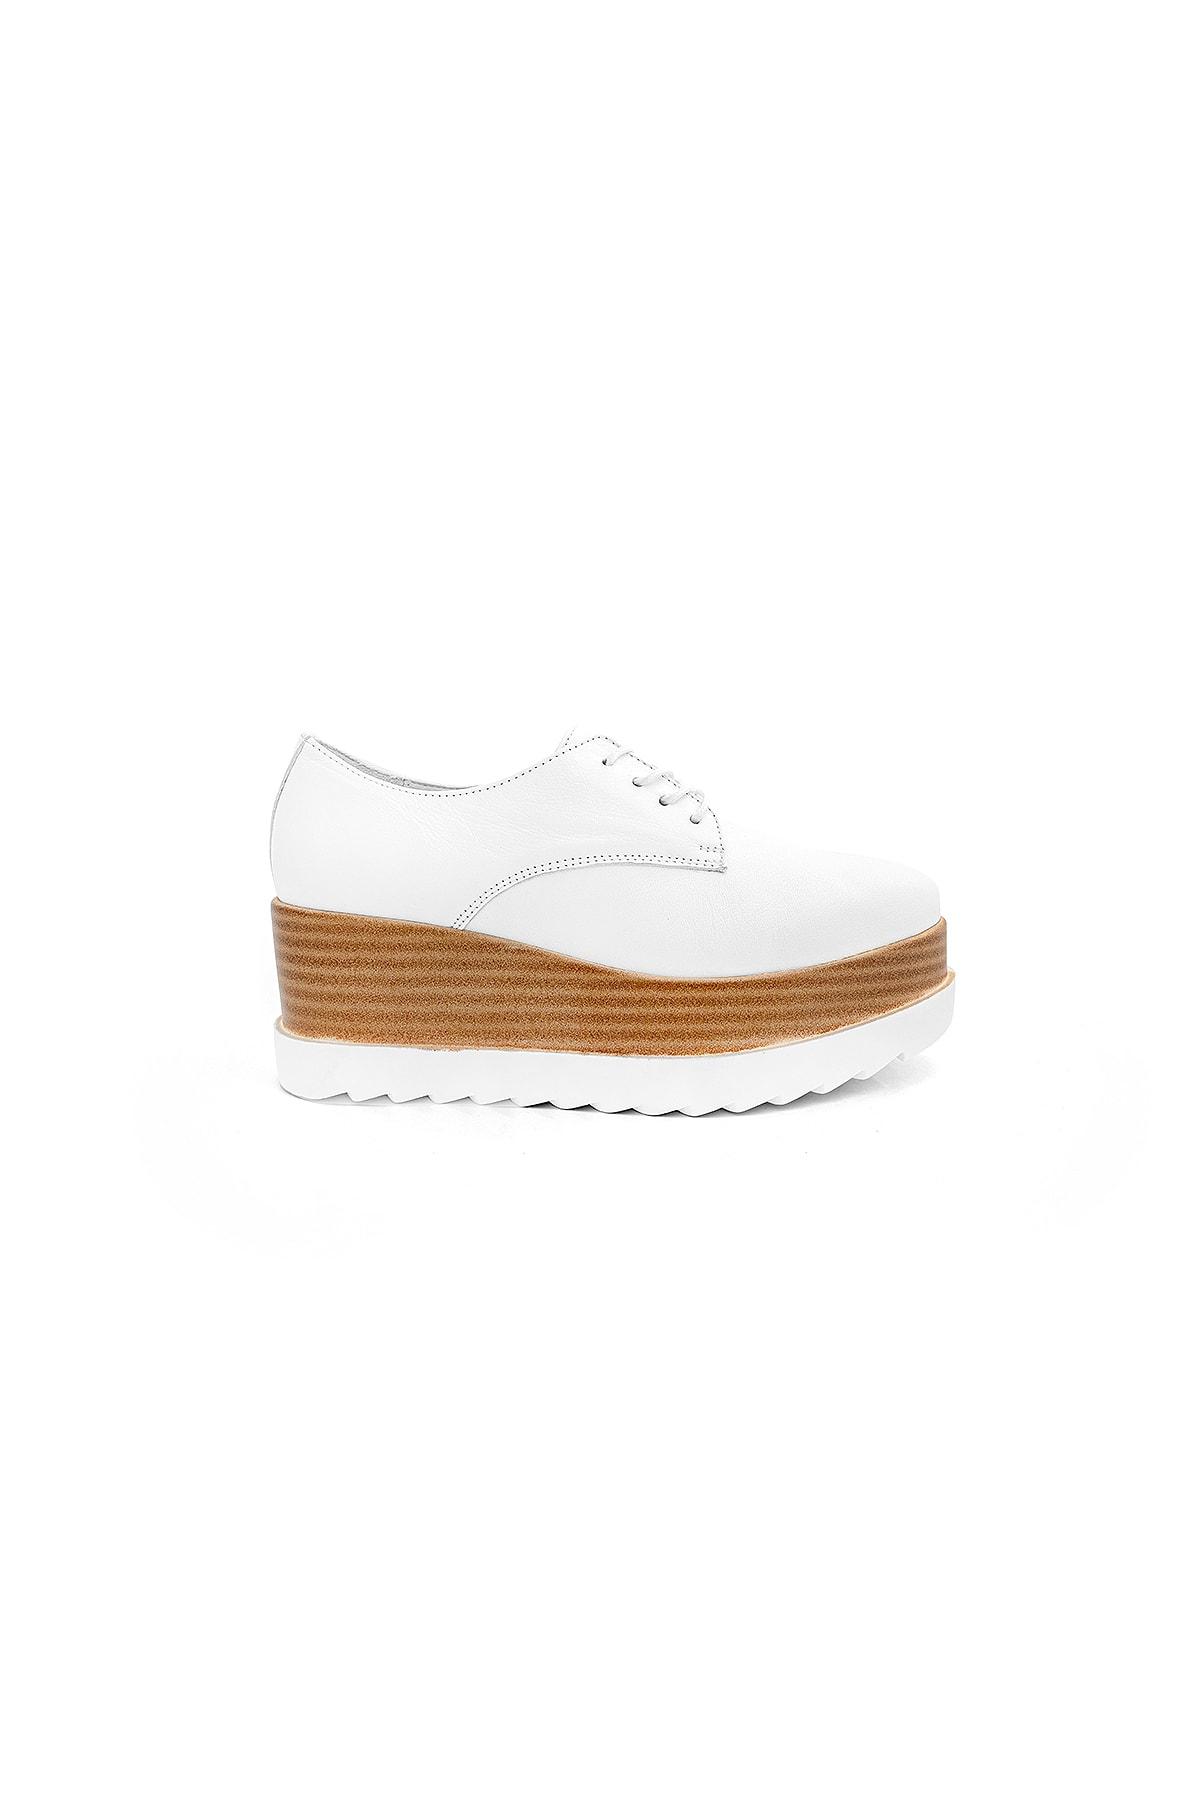 SNIPE Kadın Caliente Sneaker 1